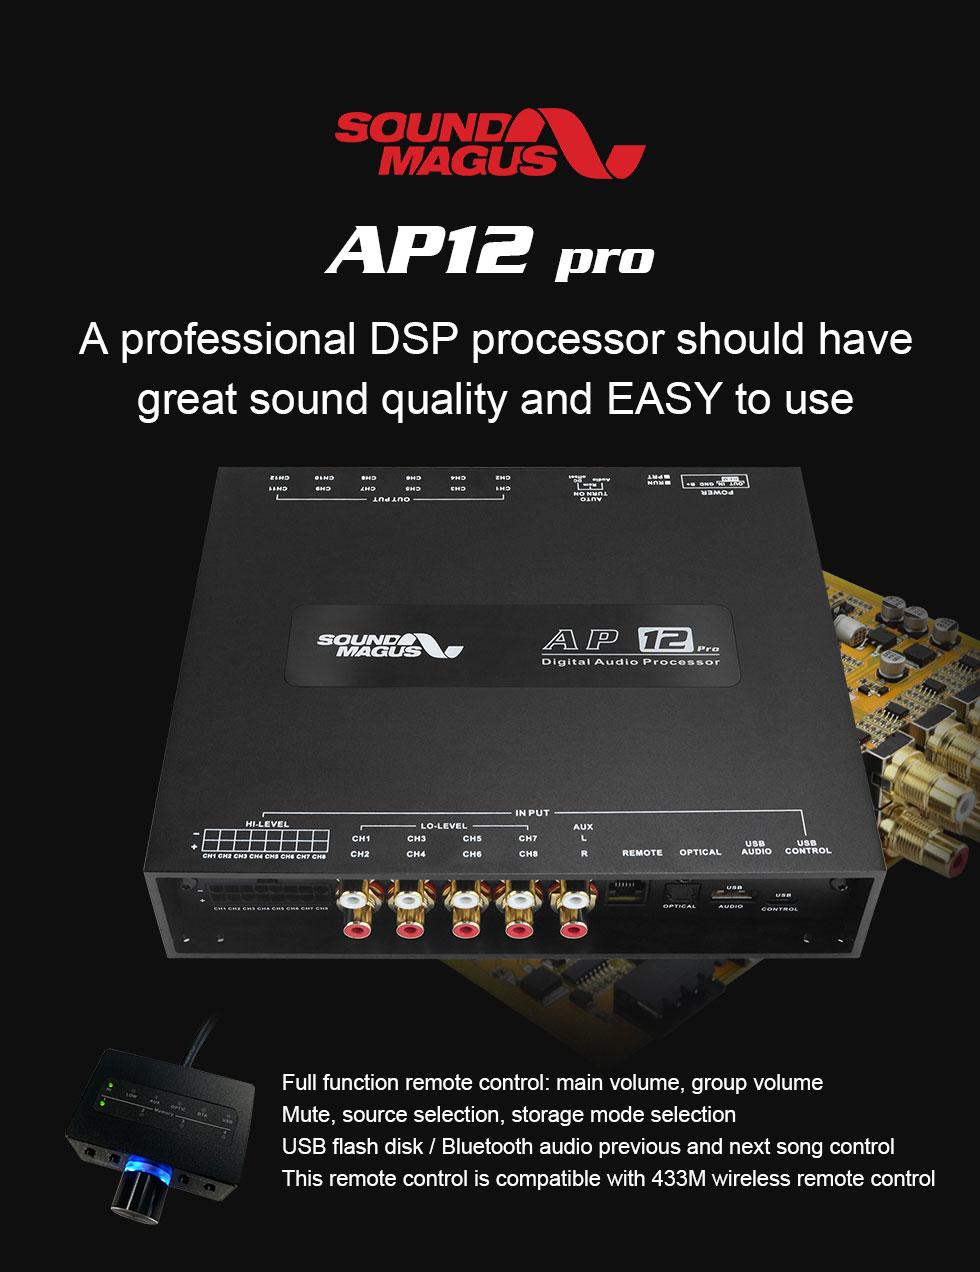 AP12 PRO